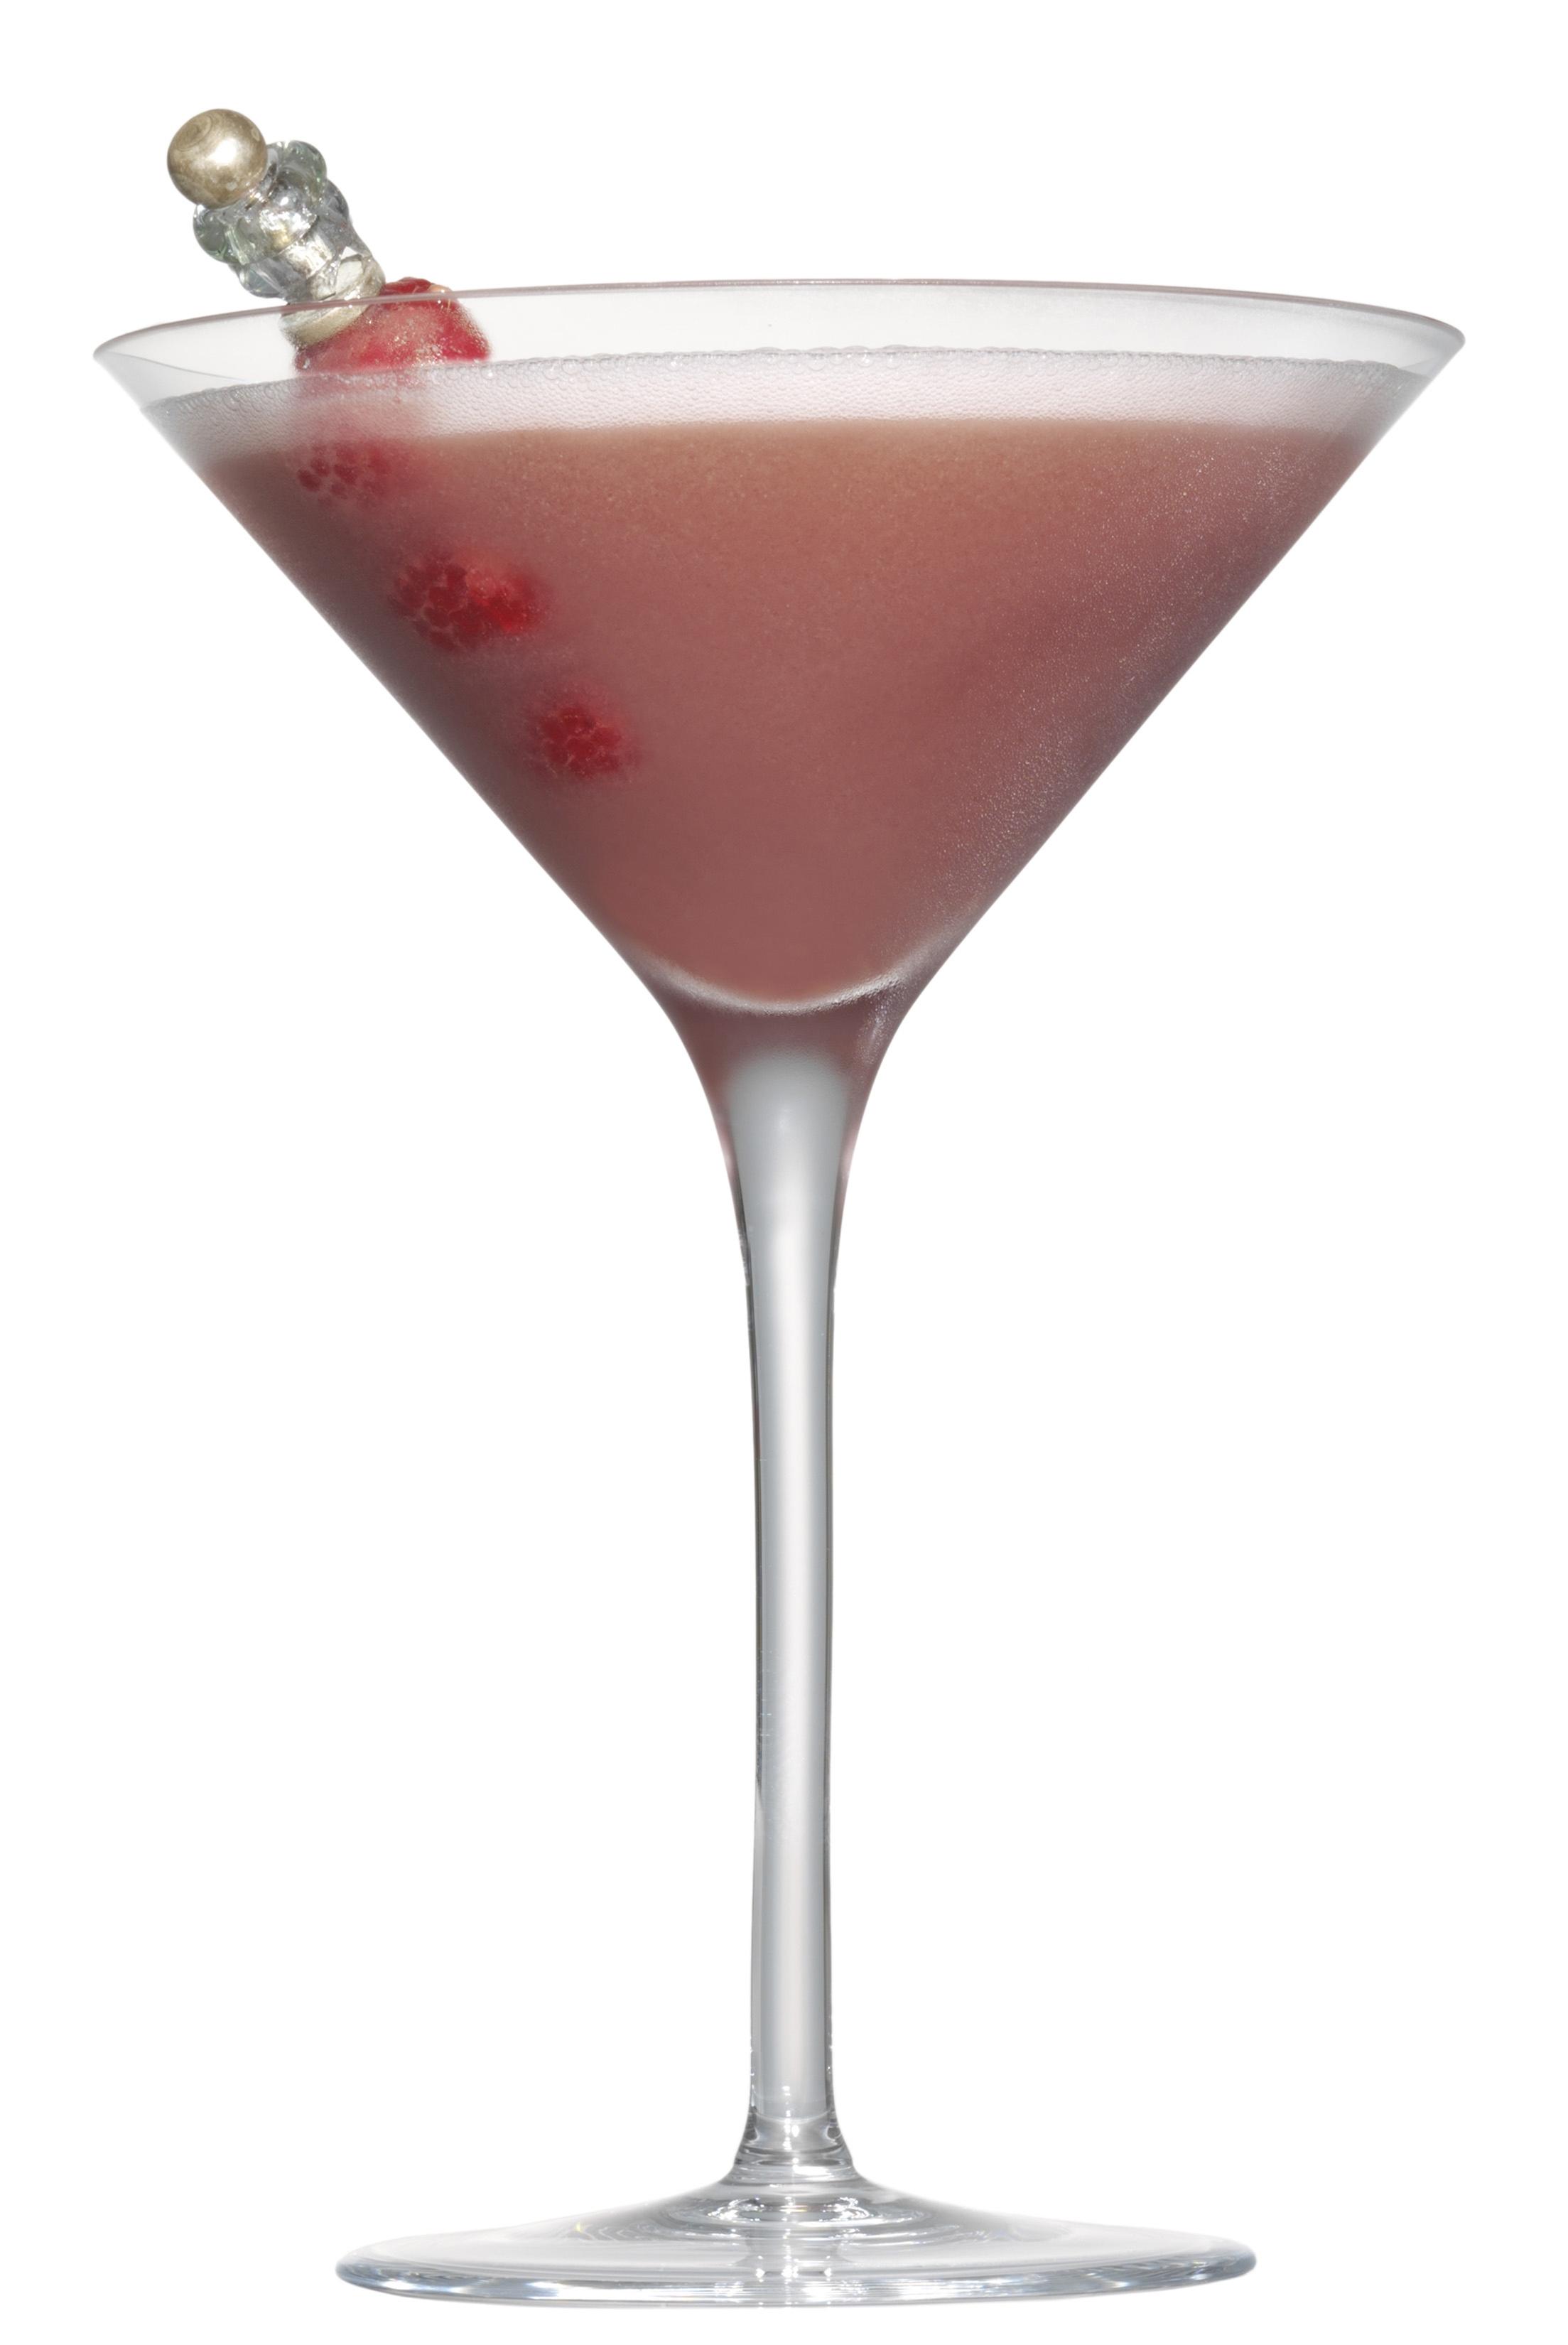 Raspberry White Chocolate Truffle martini